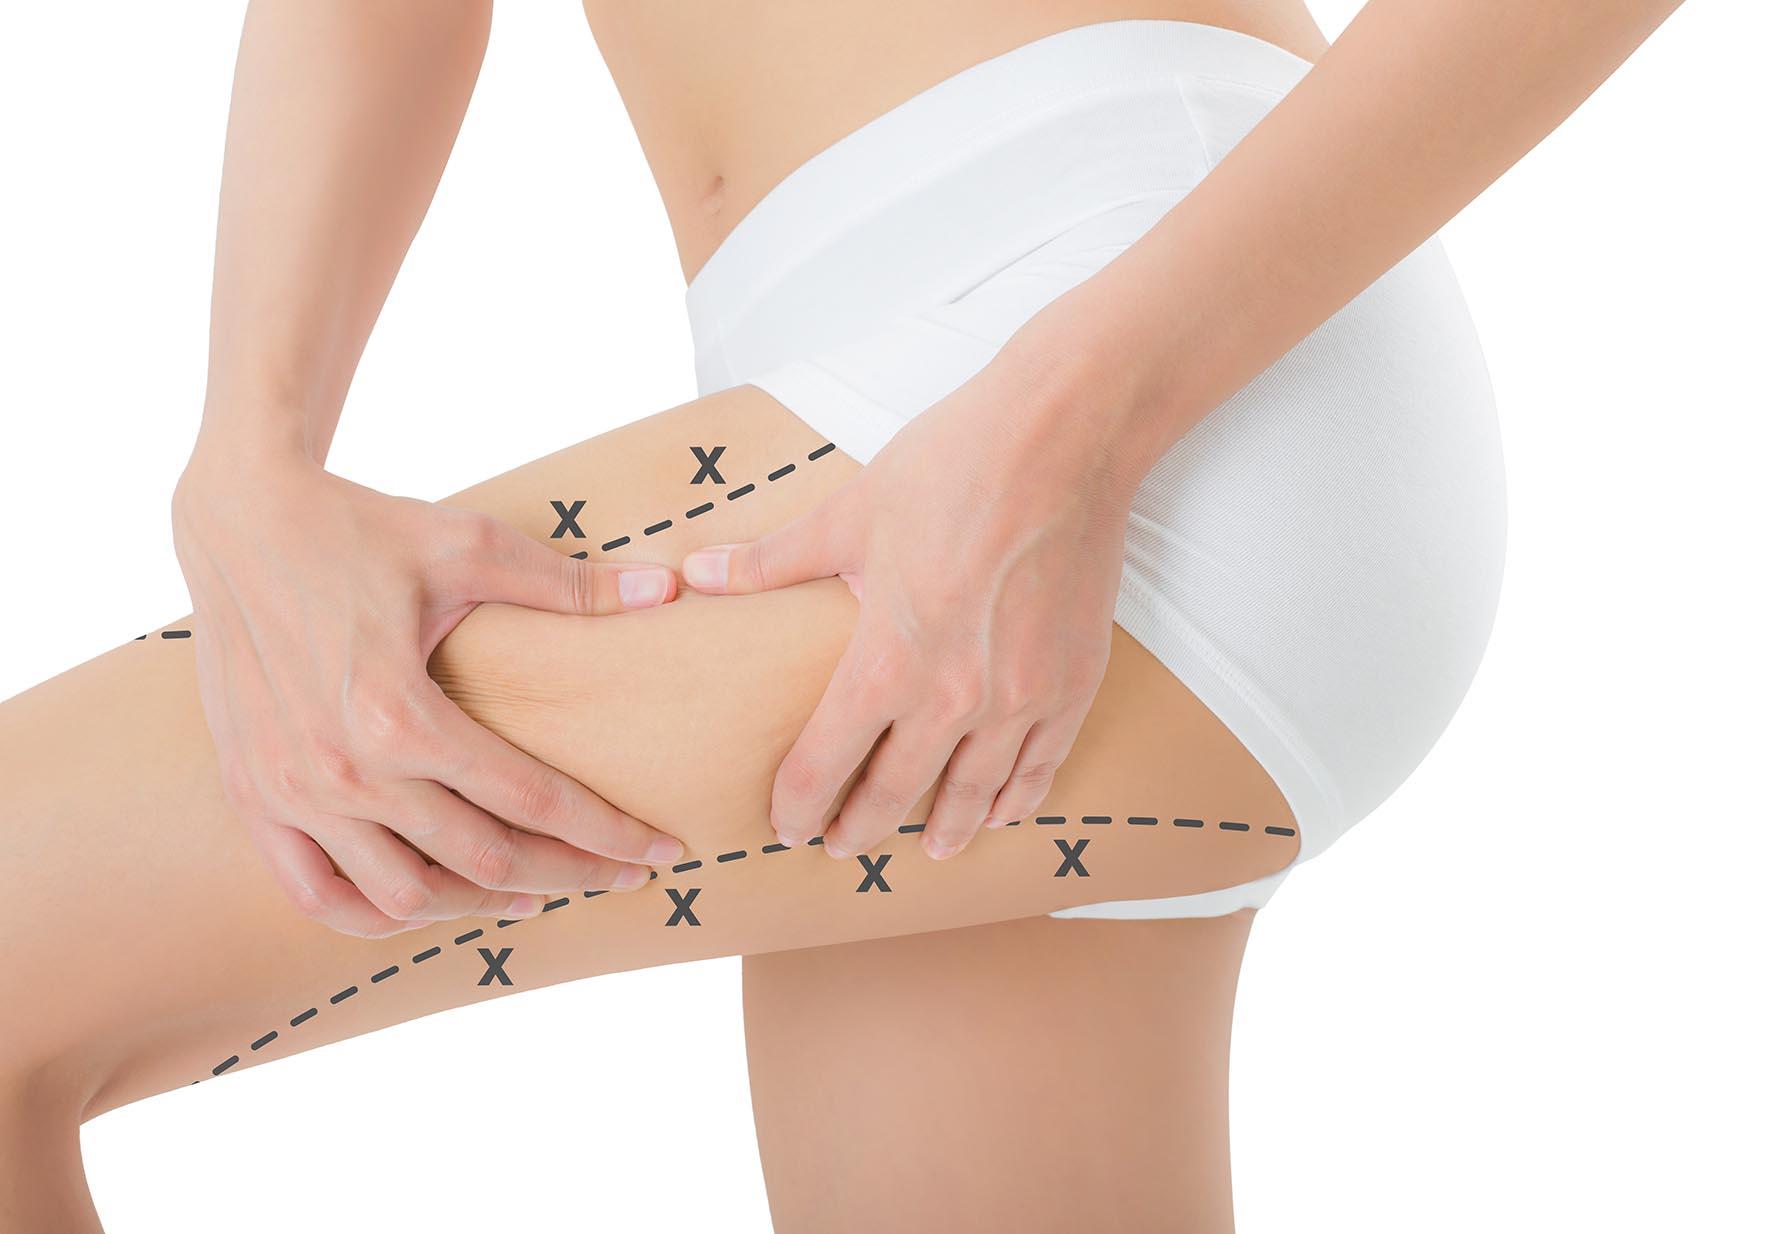 Lazer Liposuction İle Fazla Yağları Aldırarak Vücuda Şekil Verin